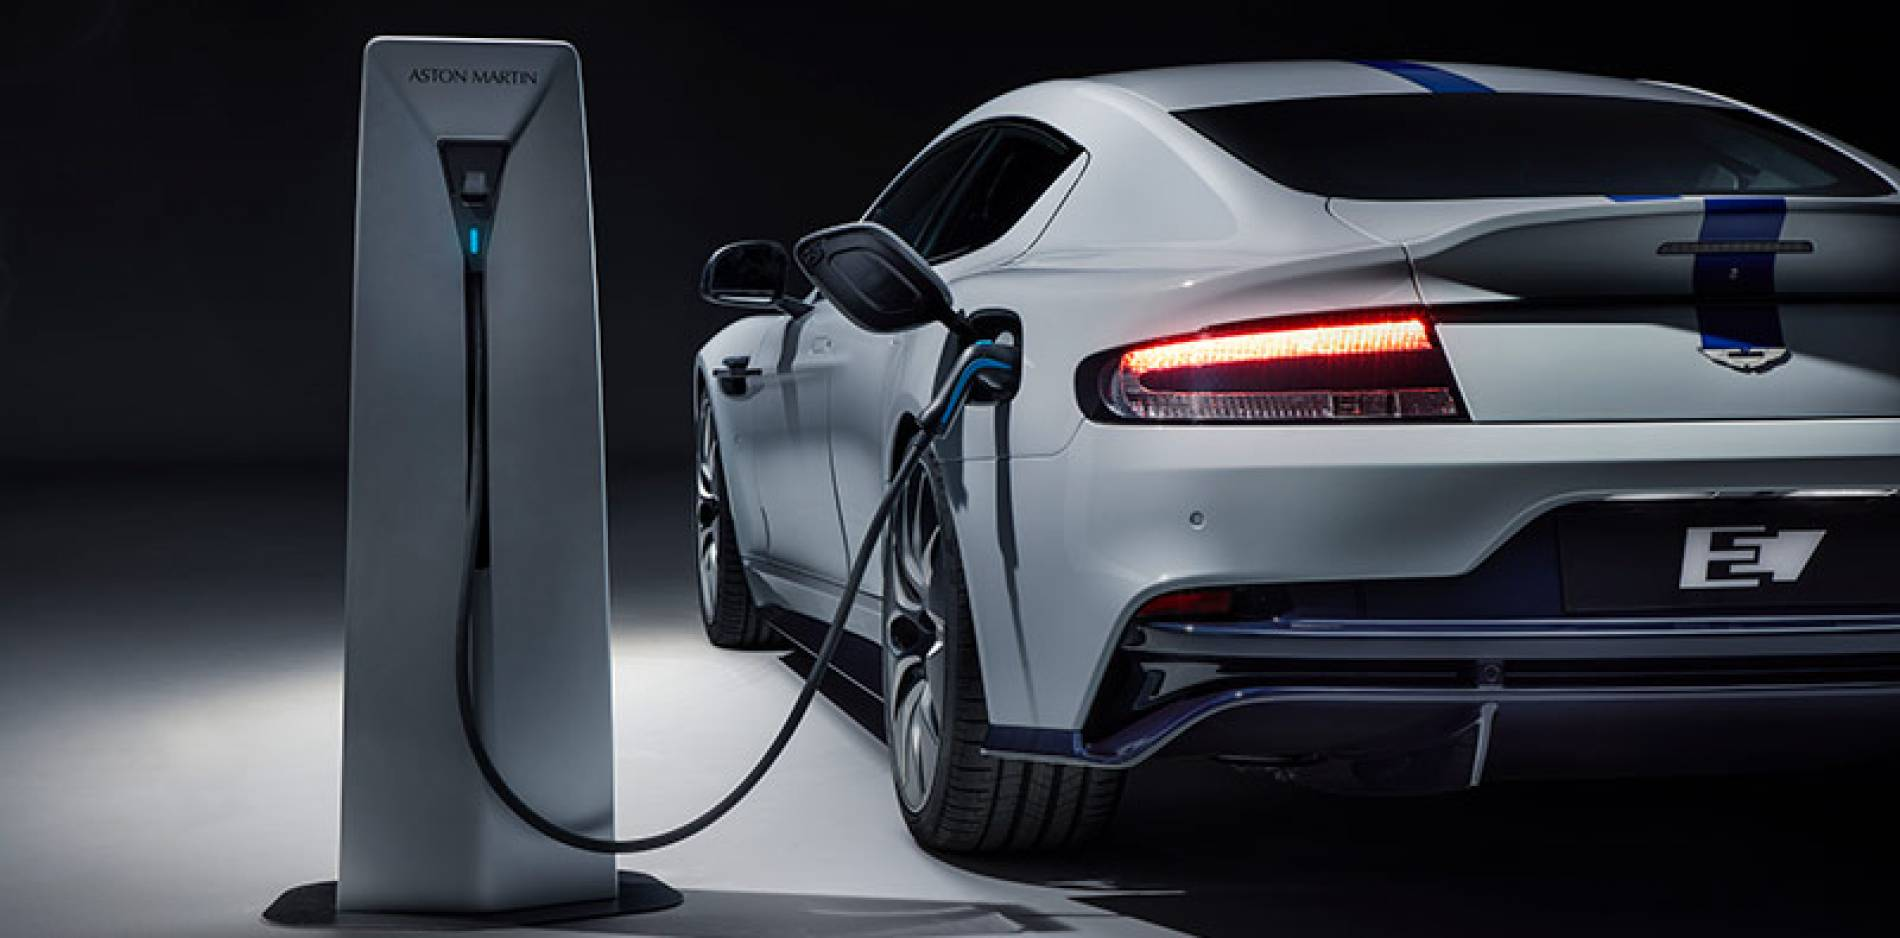 El Aston Martin Rapid E llega con una edición limitada de 155 unidades, todas eléctricas